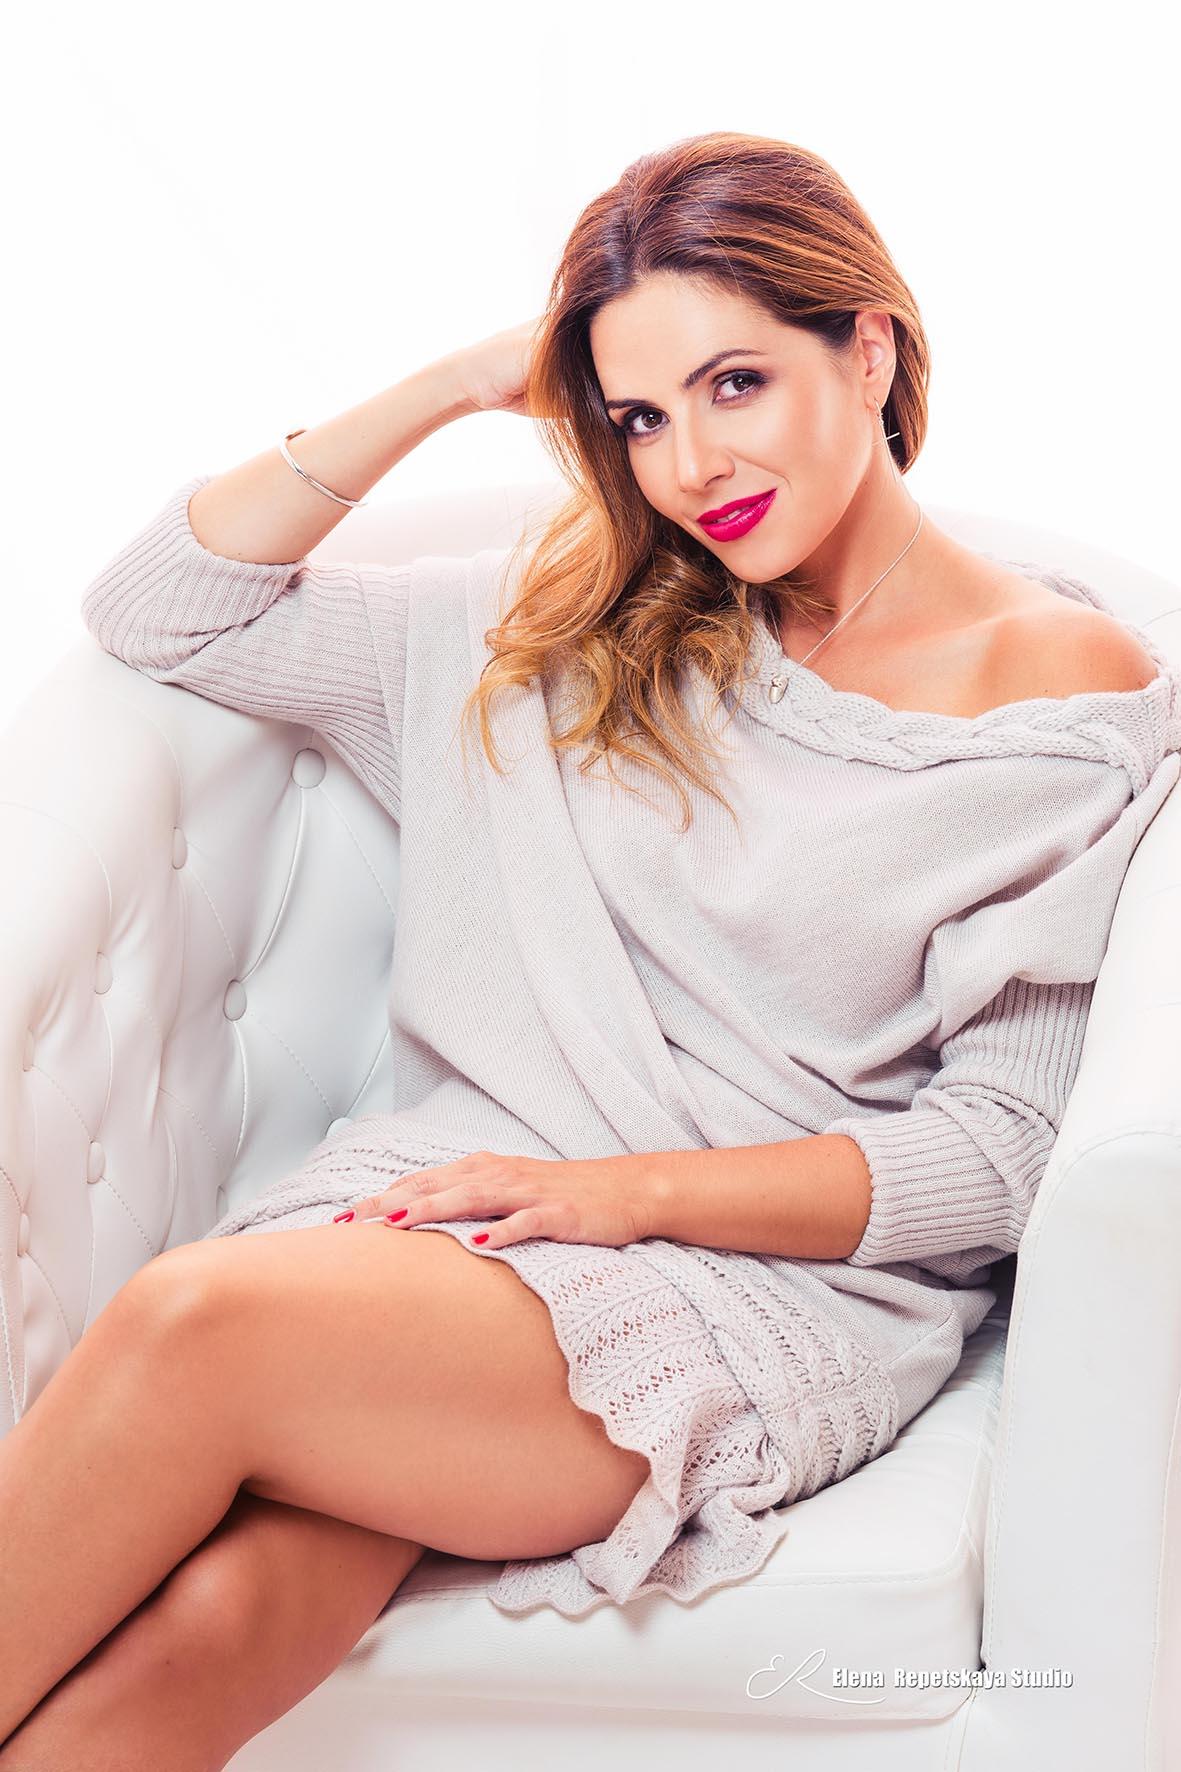 Elenarefoto_ Lucia Rodriguez2 Elena Repetskaya